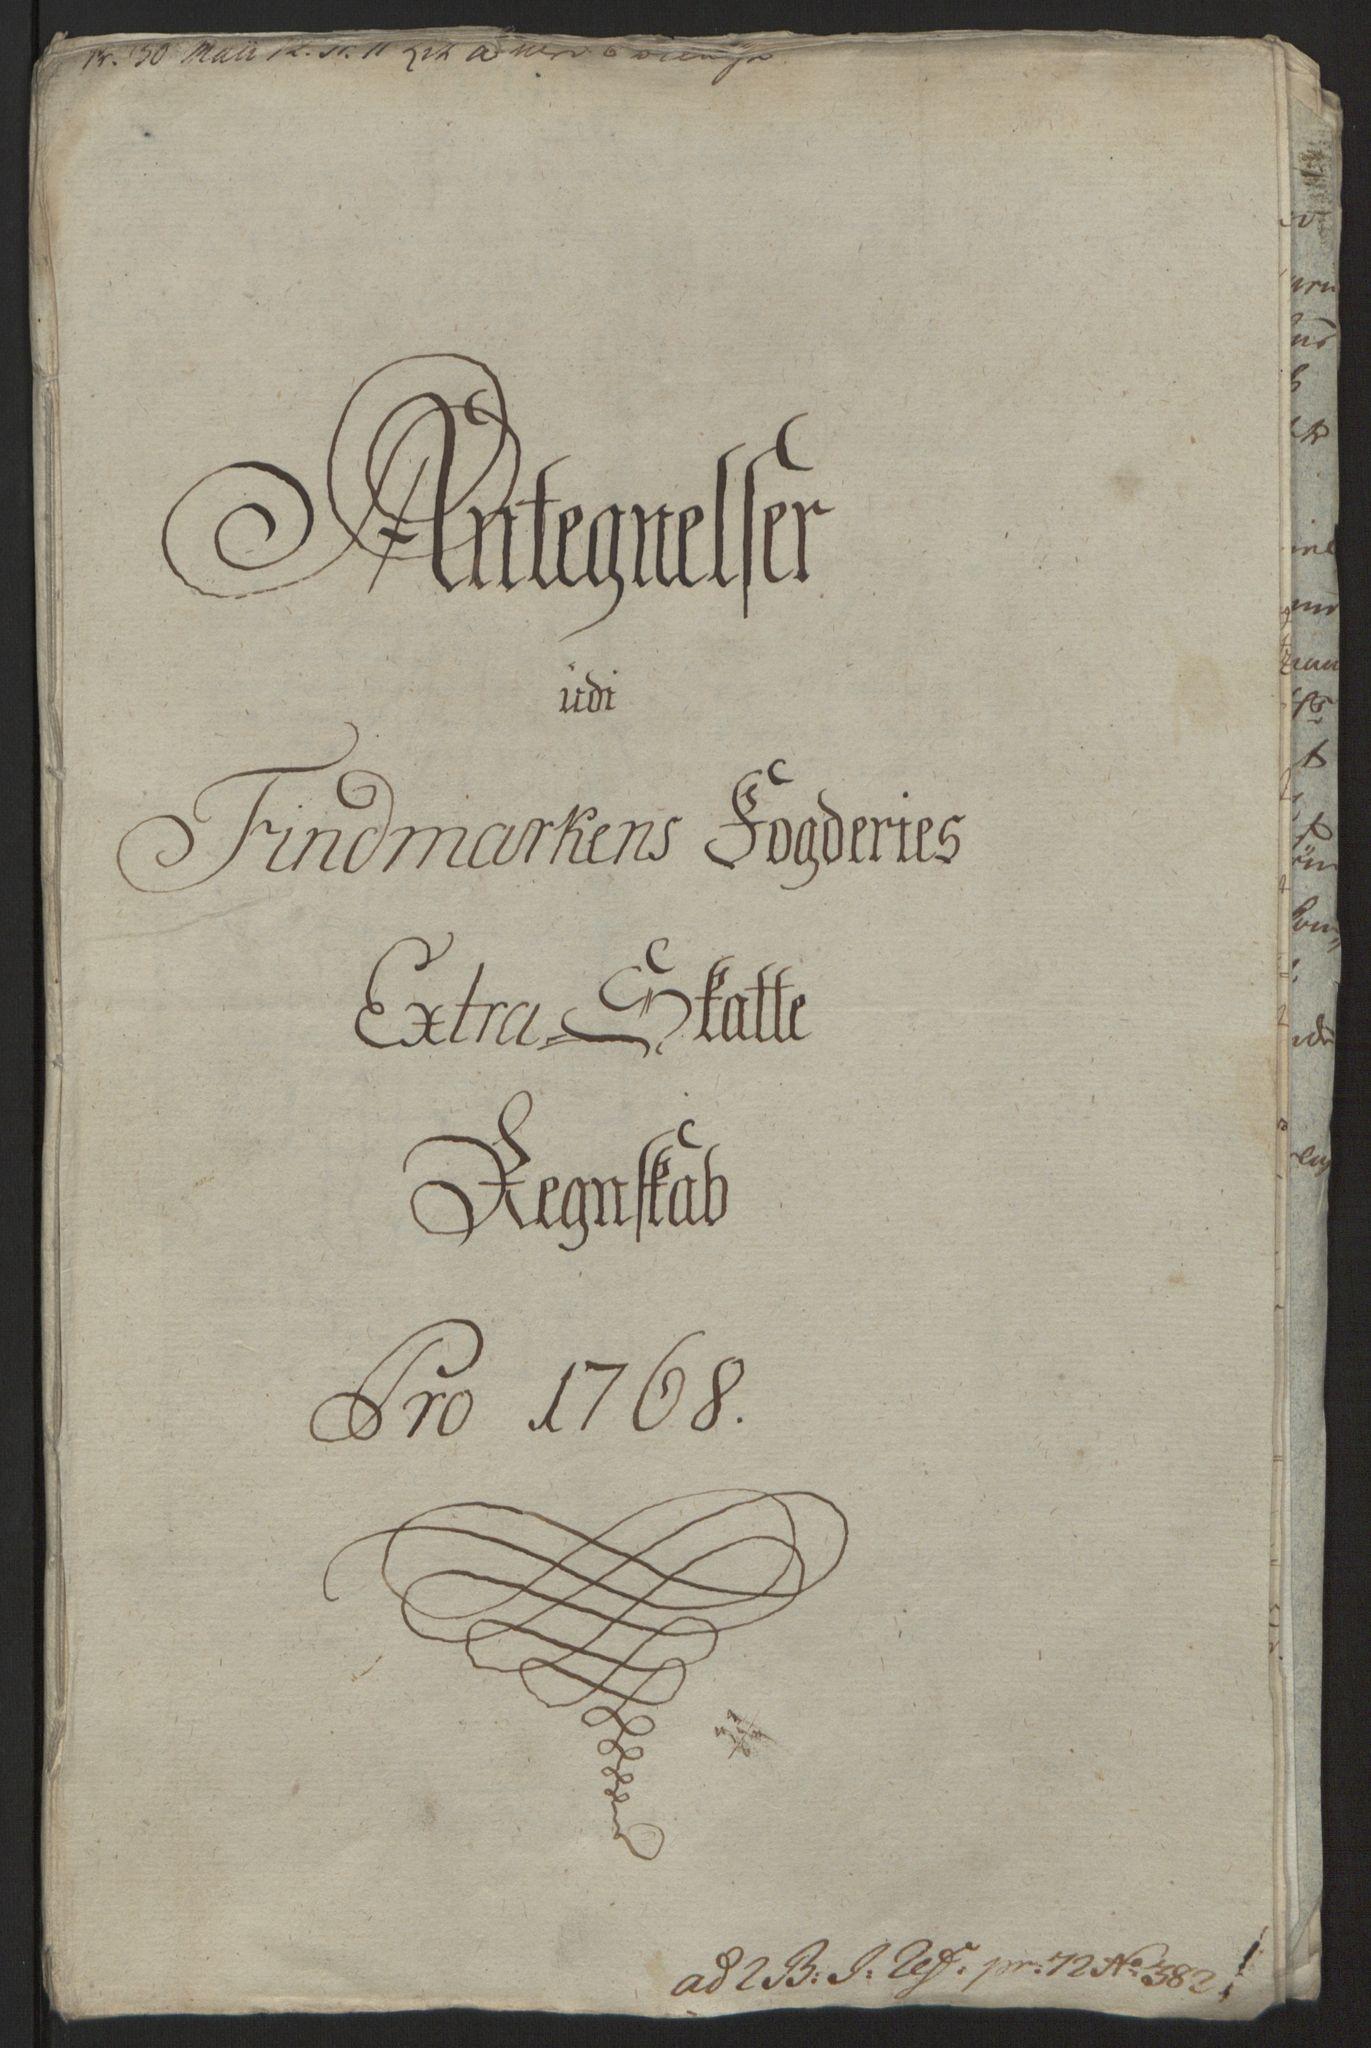 RA, Rentekammeret inntil 1814, Reviderte regnskaper, Fogderegnskap, R69/L4910: Ekstraskatten  Finnmark/Vardøhus, 1762-1772, s. 303